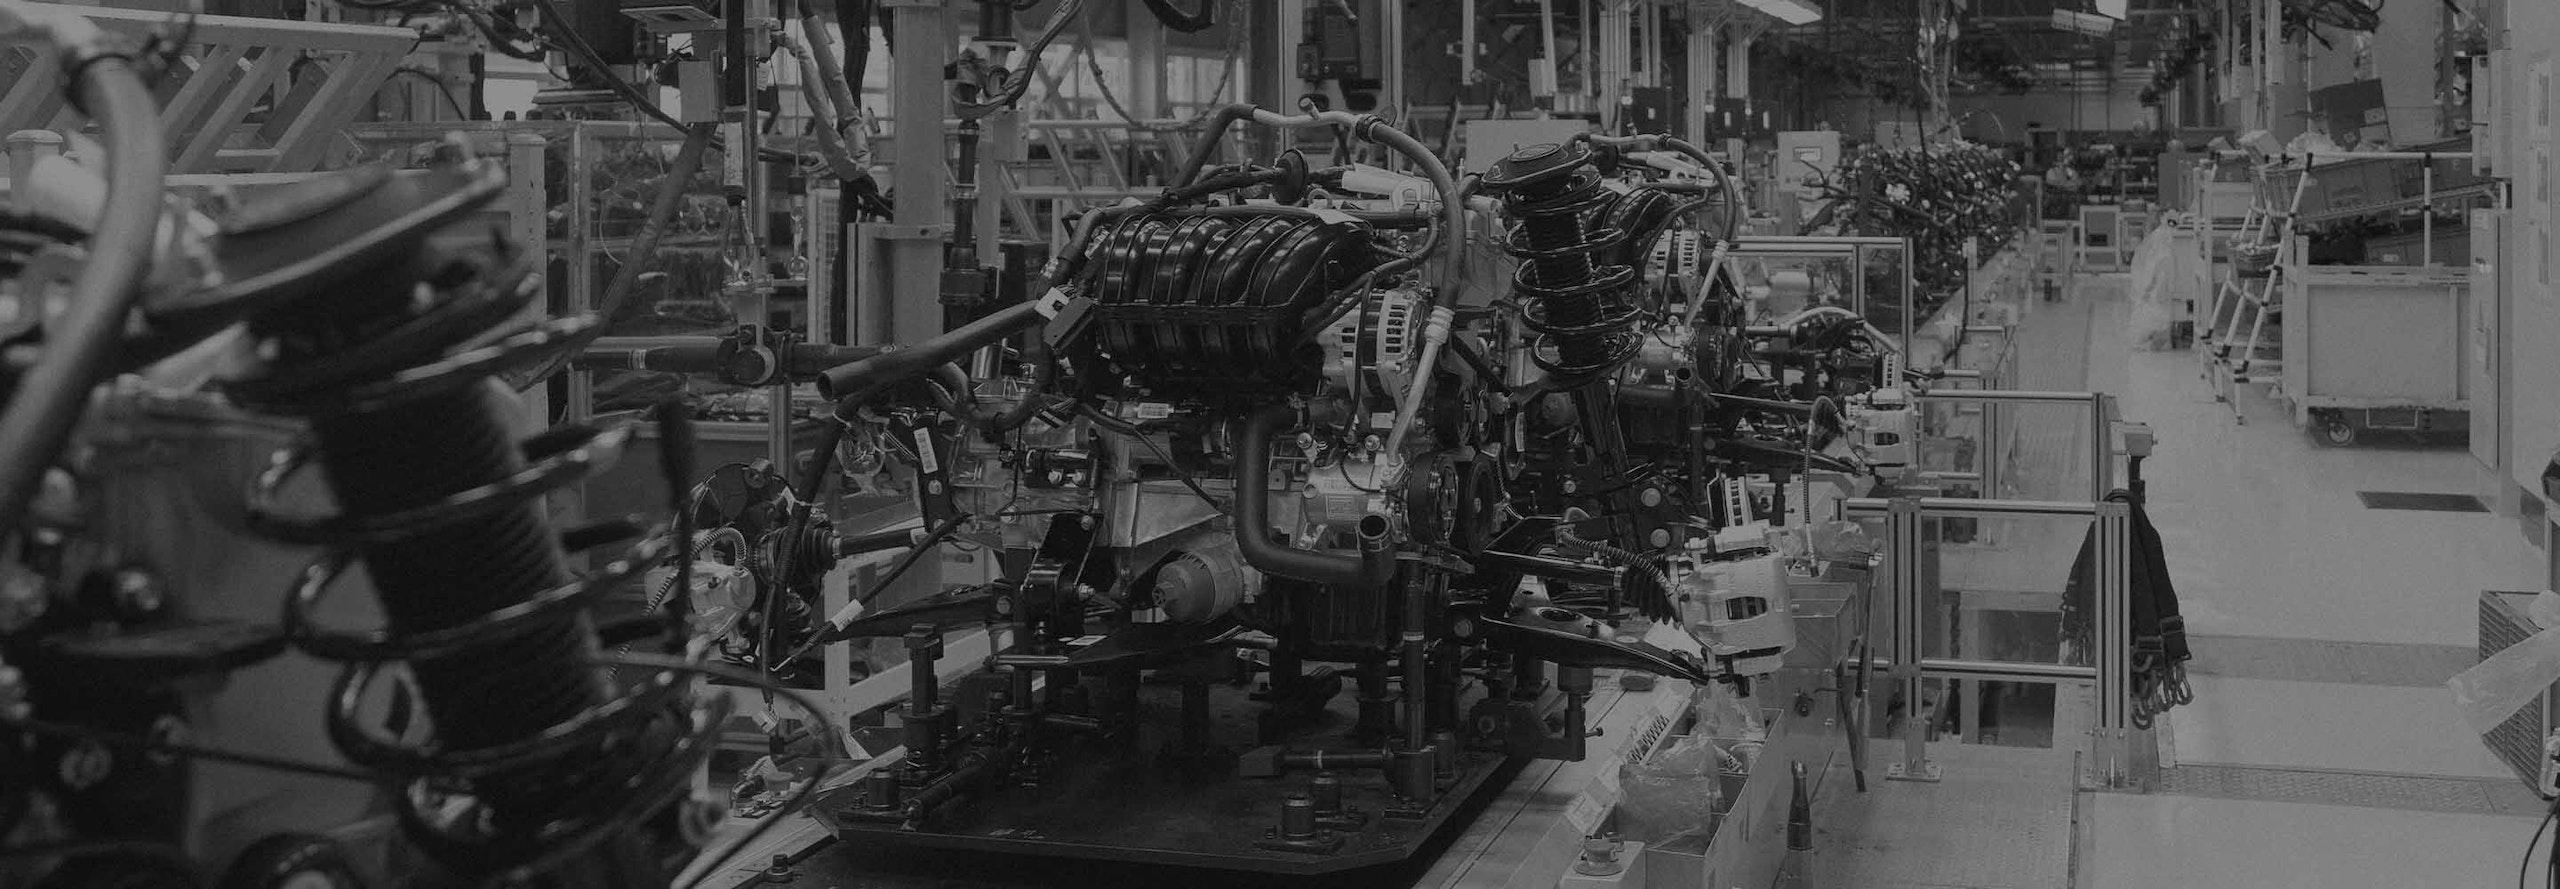 Hero manufacturing